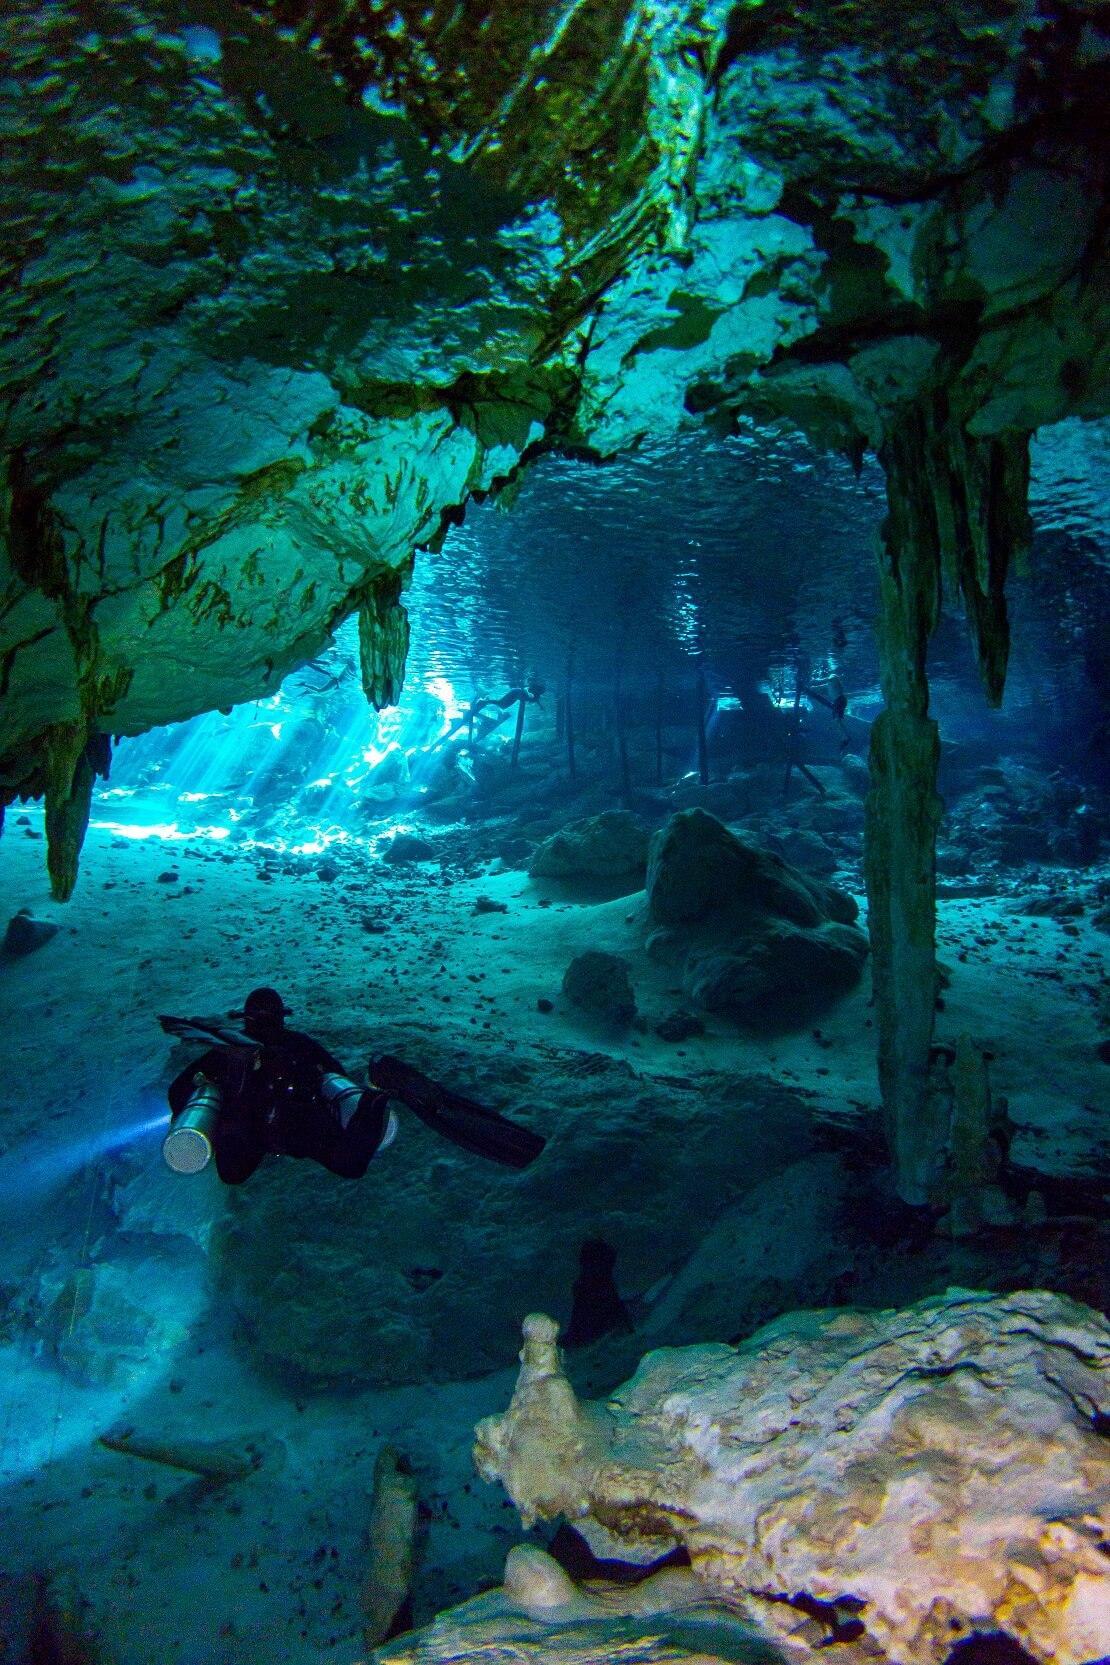 Taucher schwimmt in einer Unterwasserhöhle in glasklarem Wasser